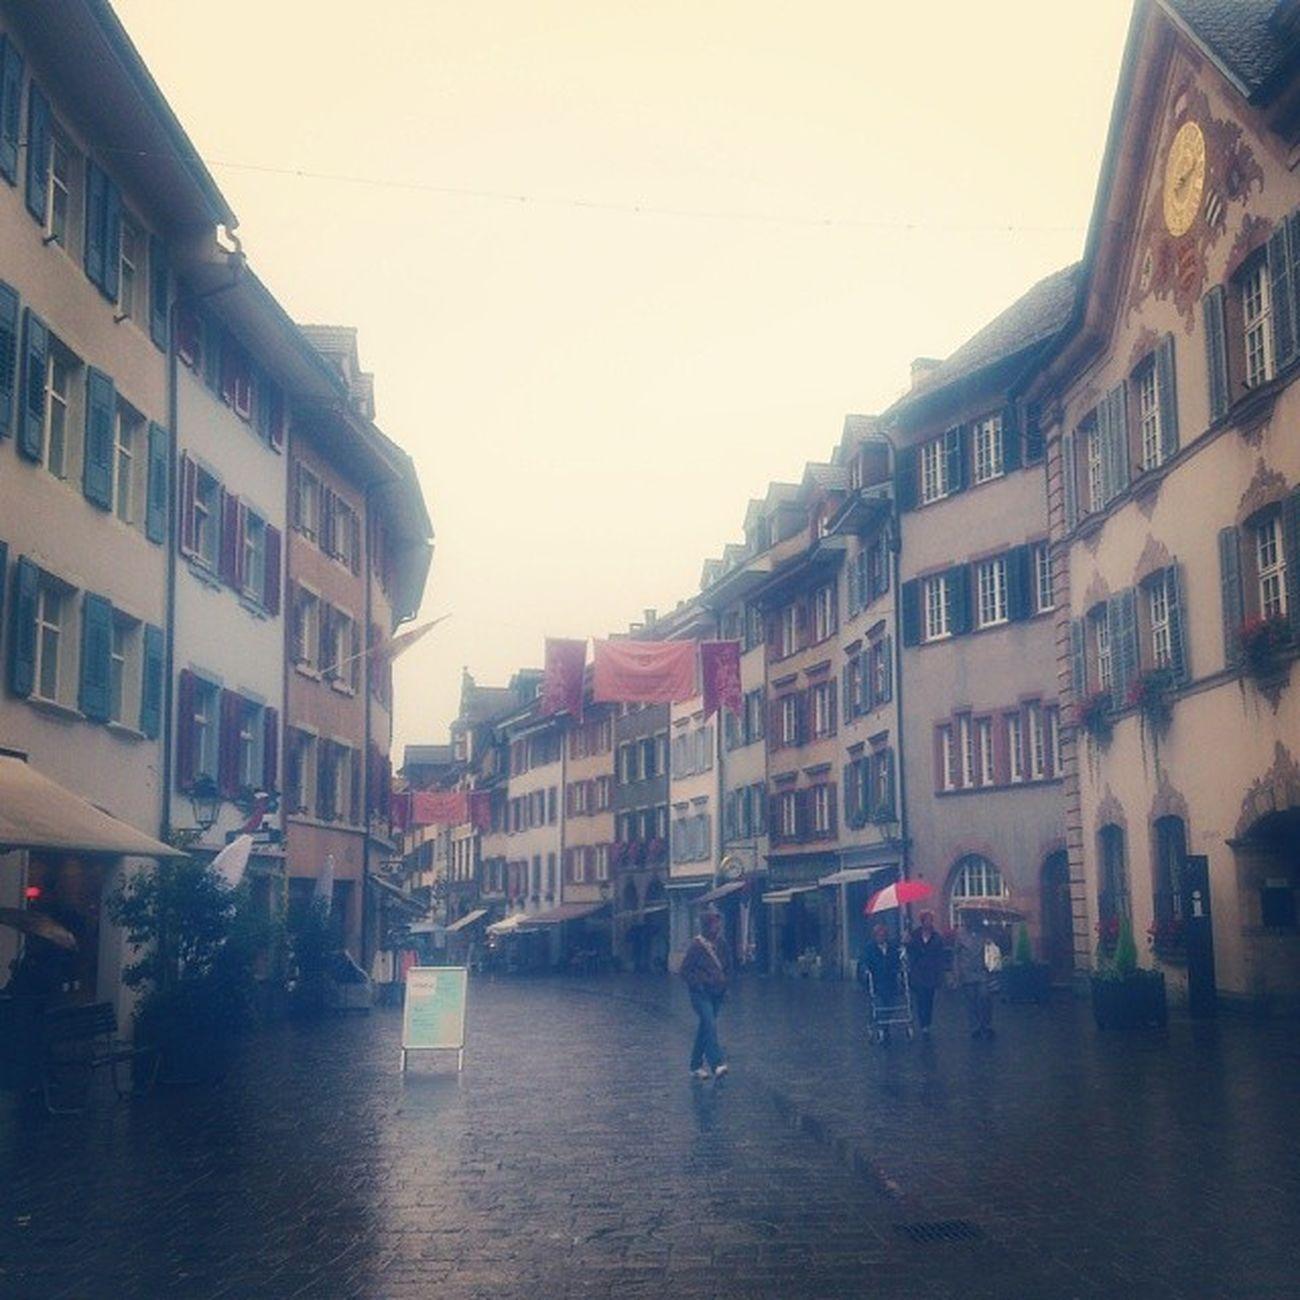 Zwischenstopp im historischen Städtchen Rheinfelden. Wunderschön, aber leider total verregnet.